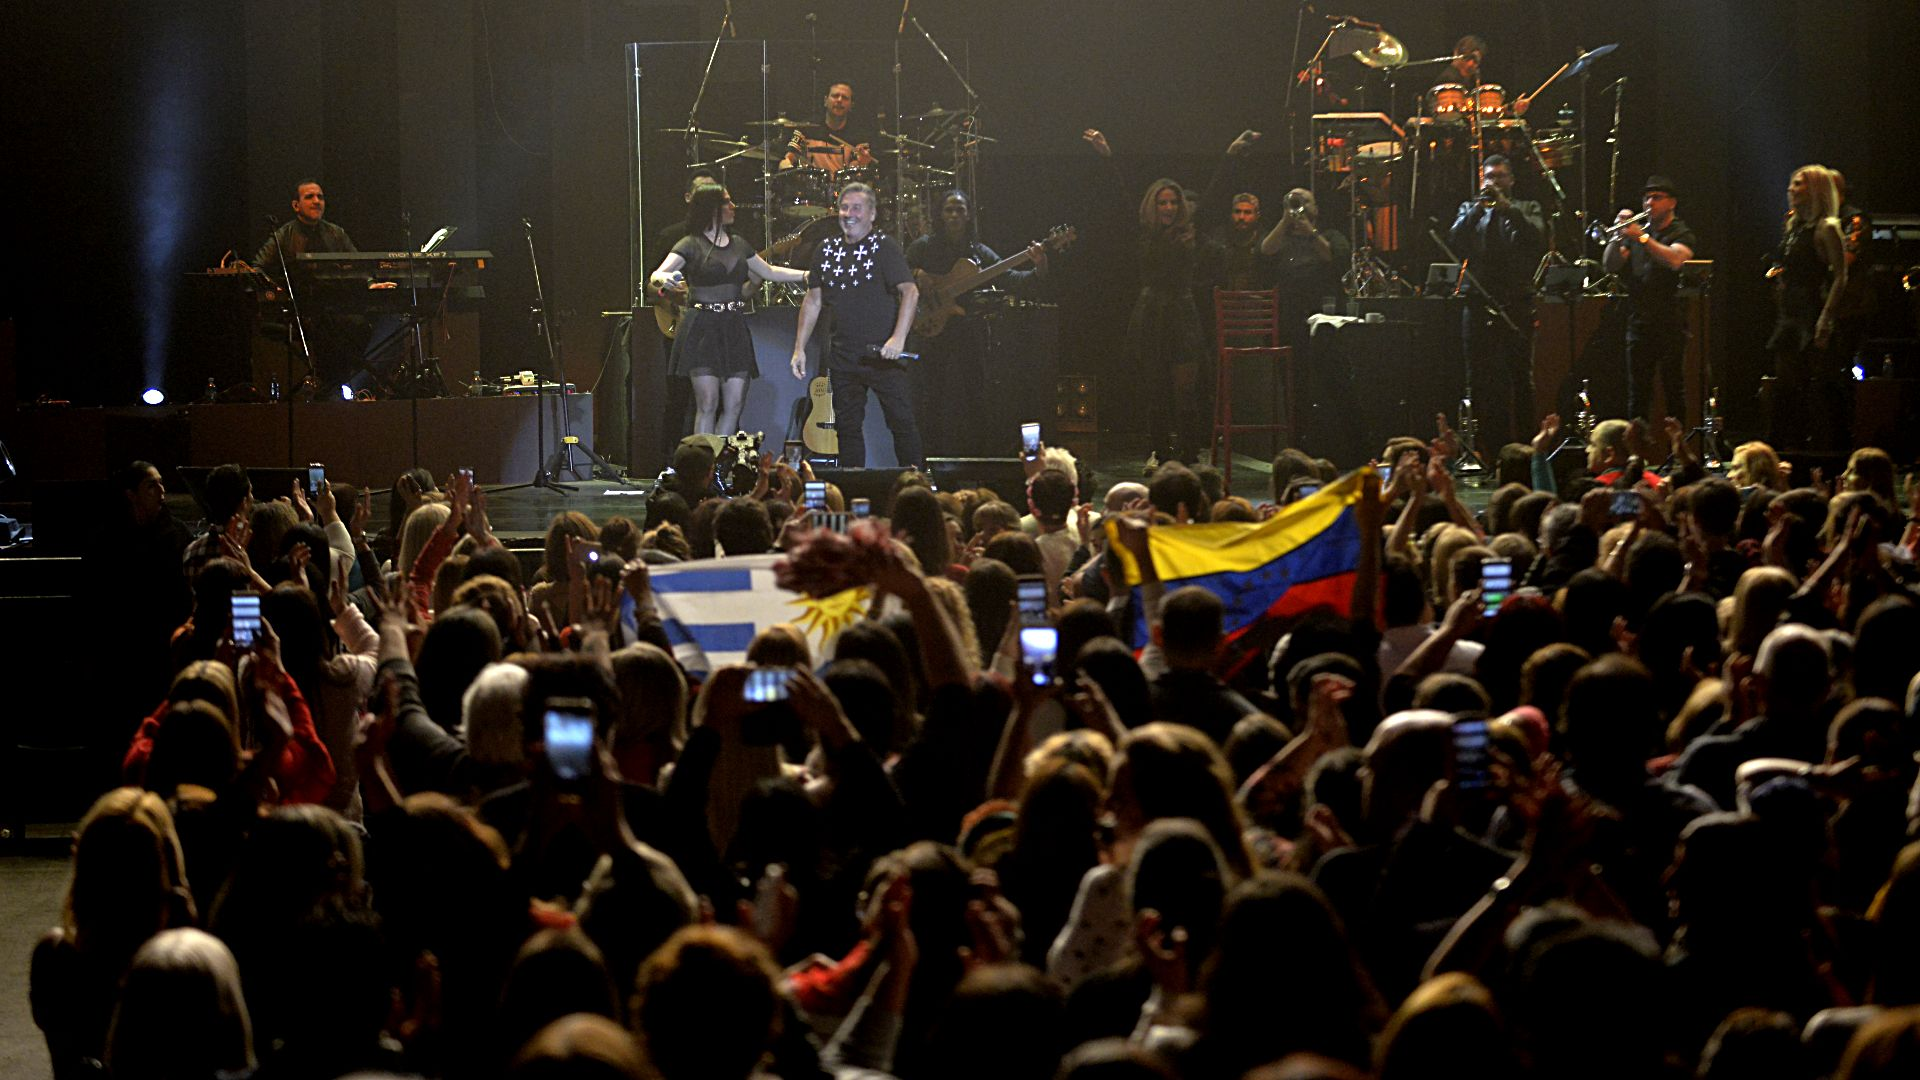 Entre el público, banderas argentinas, venezolanas y hasta uruguayas. Montaner nació en Valentín Alsina, formó su familia en Caracas, vive en Miami; es un poquito de todas partes, y de todos